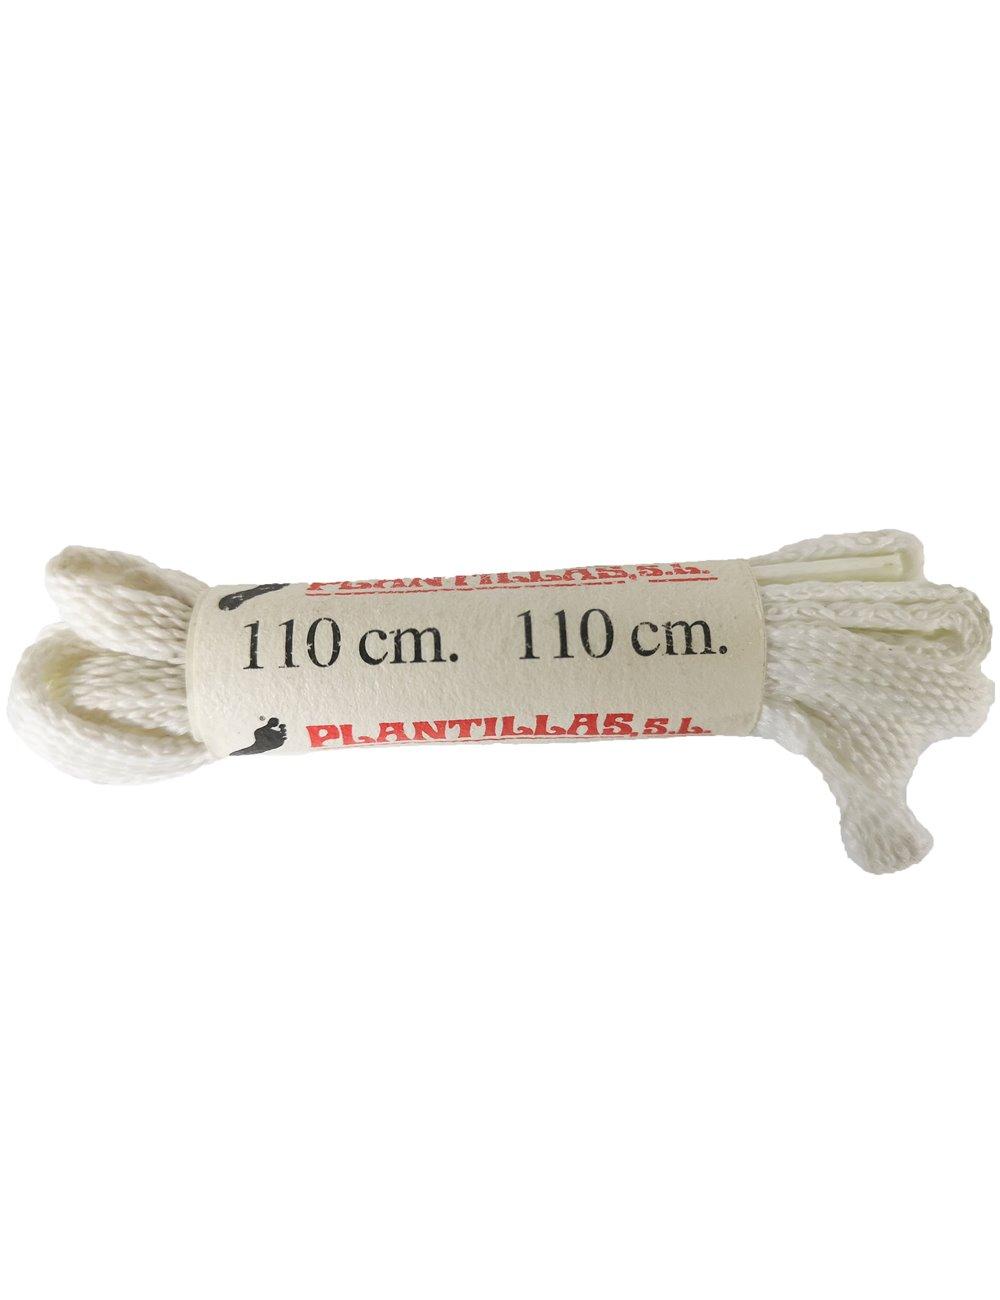 Cordones deportivos blancos 110cm